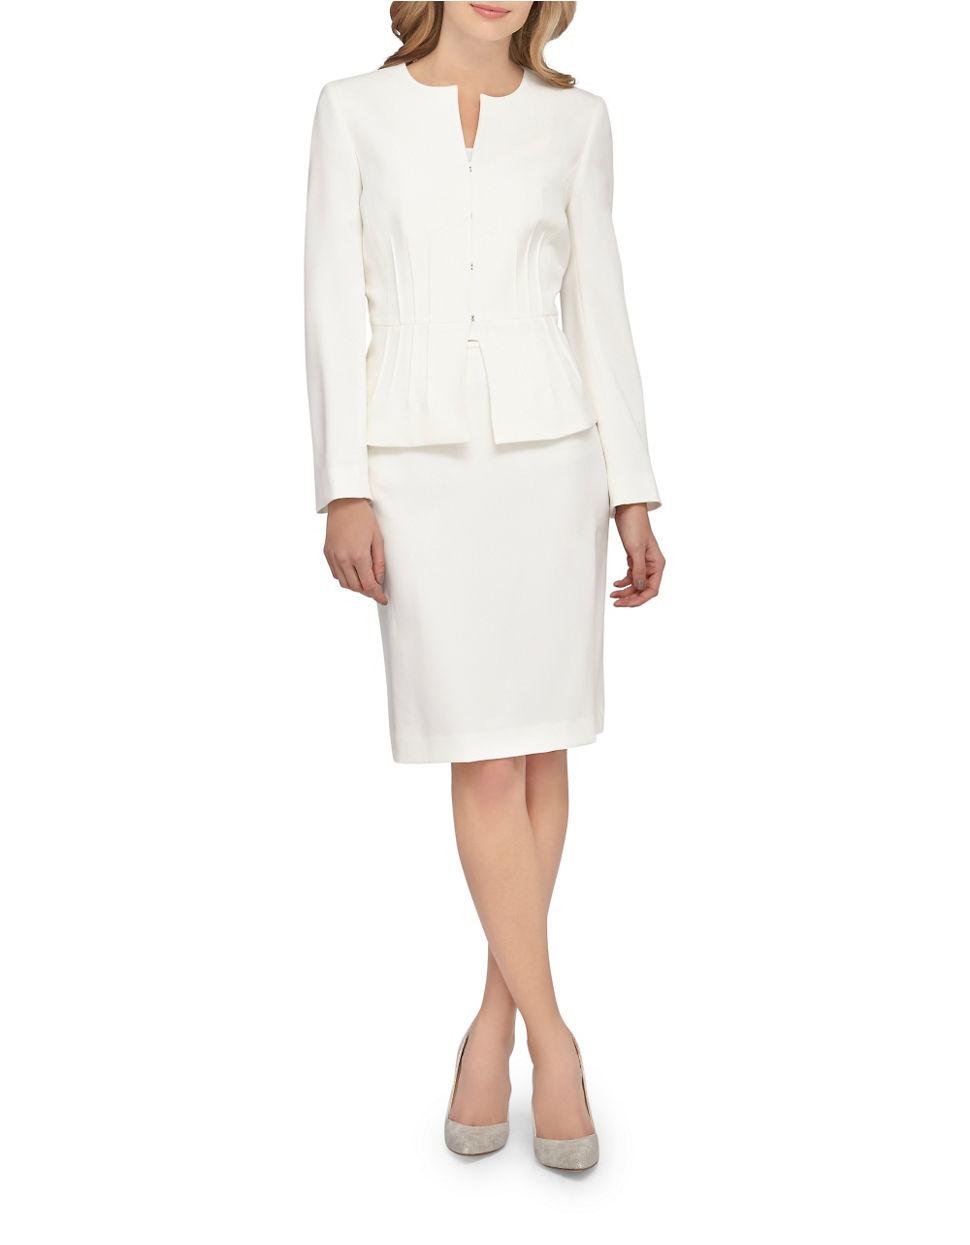 Tahari 2-piece Peplum Jacket And Skirt Set in White - Lyst